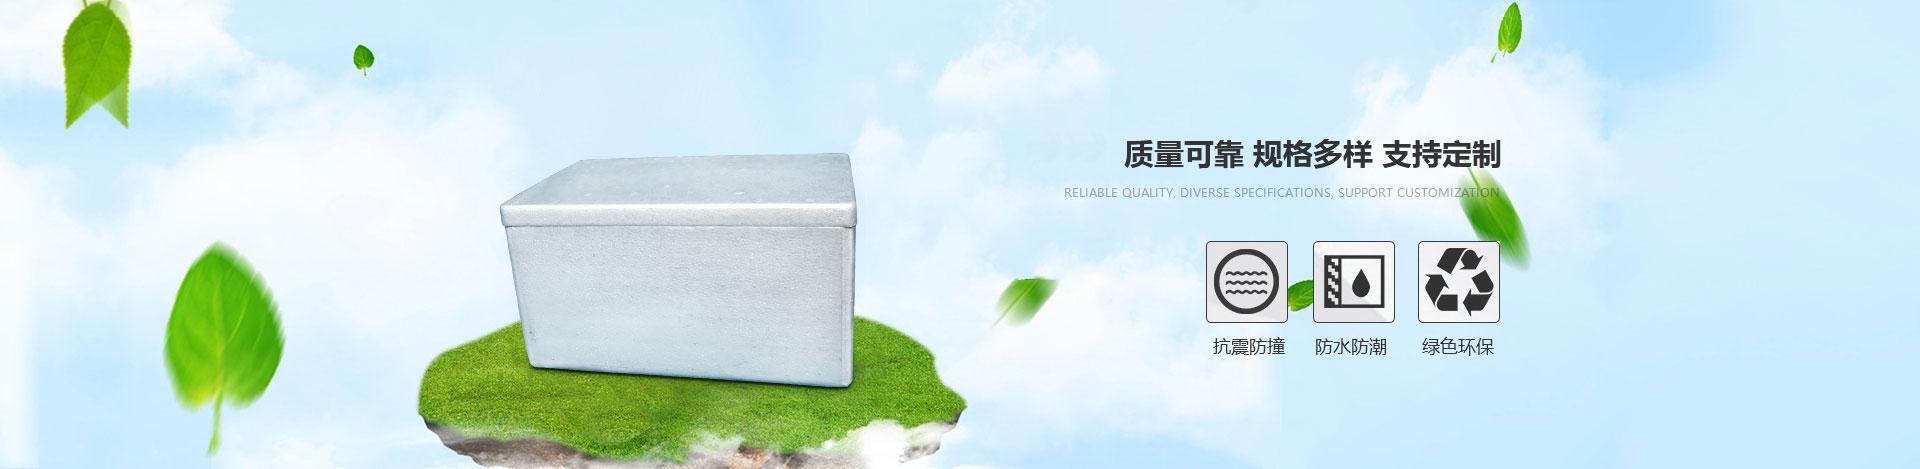 上海泡沫箱